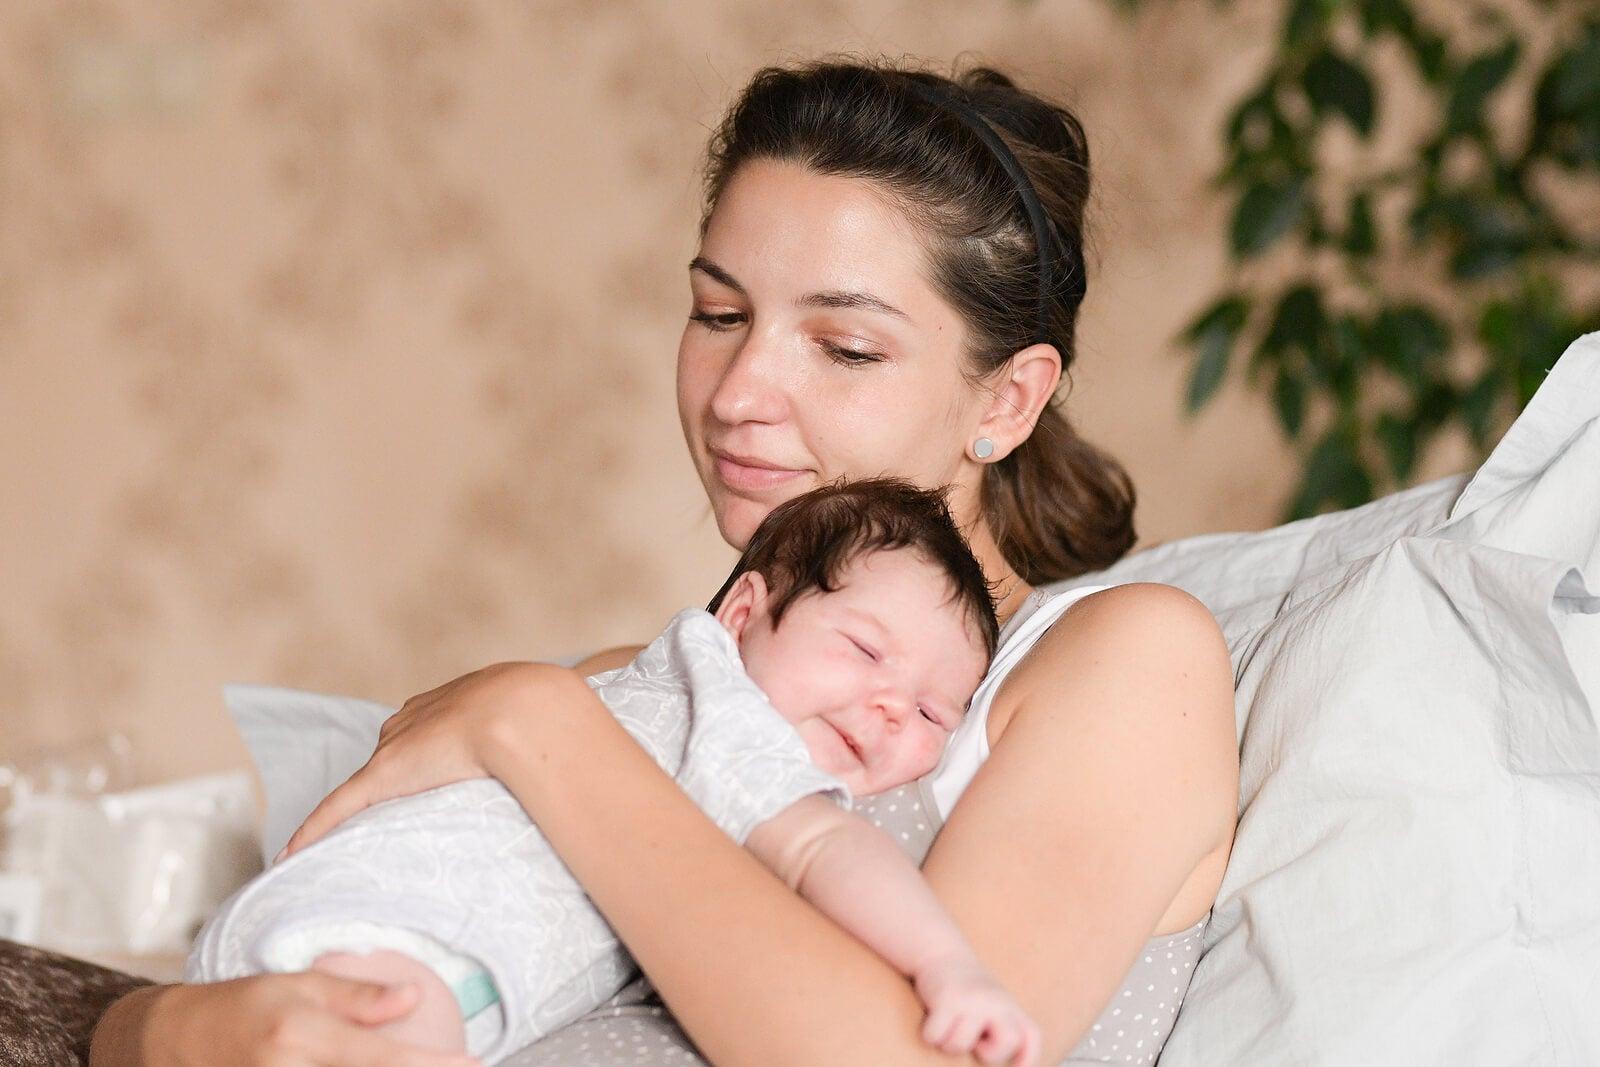 Madre dando un abrazo a su recién nacido para conectar con su bebé.